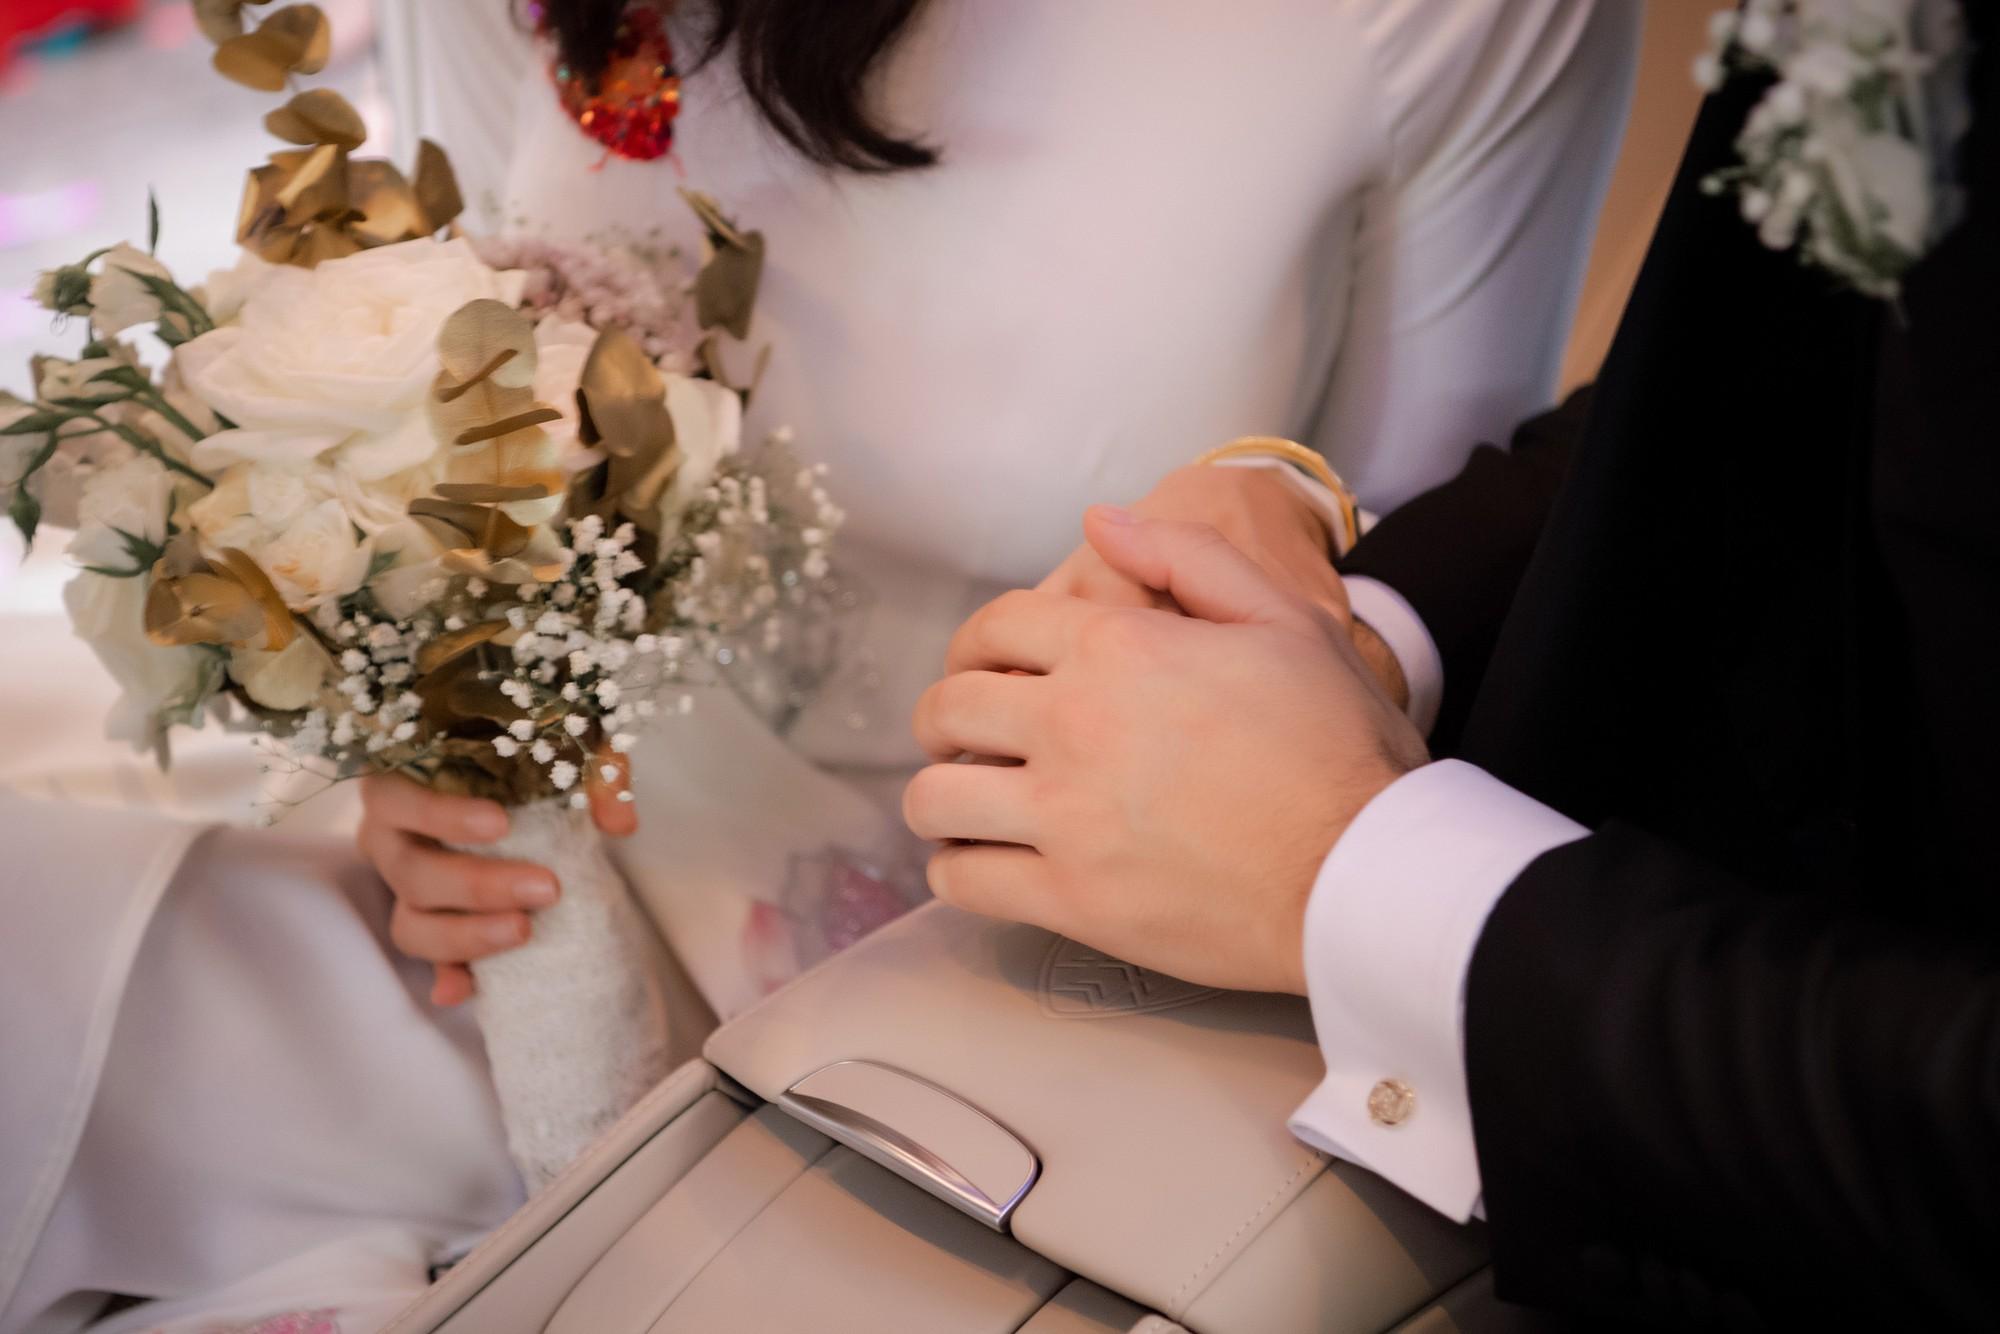 MC Phương Mai bật khóc xúc động, khoá môi ông xã Tây ngọt ngào trong ngày lên xe hoa về nhà chồng - Ảnh 14.